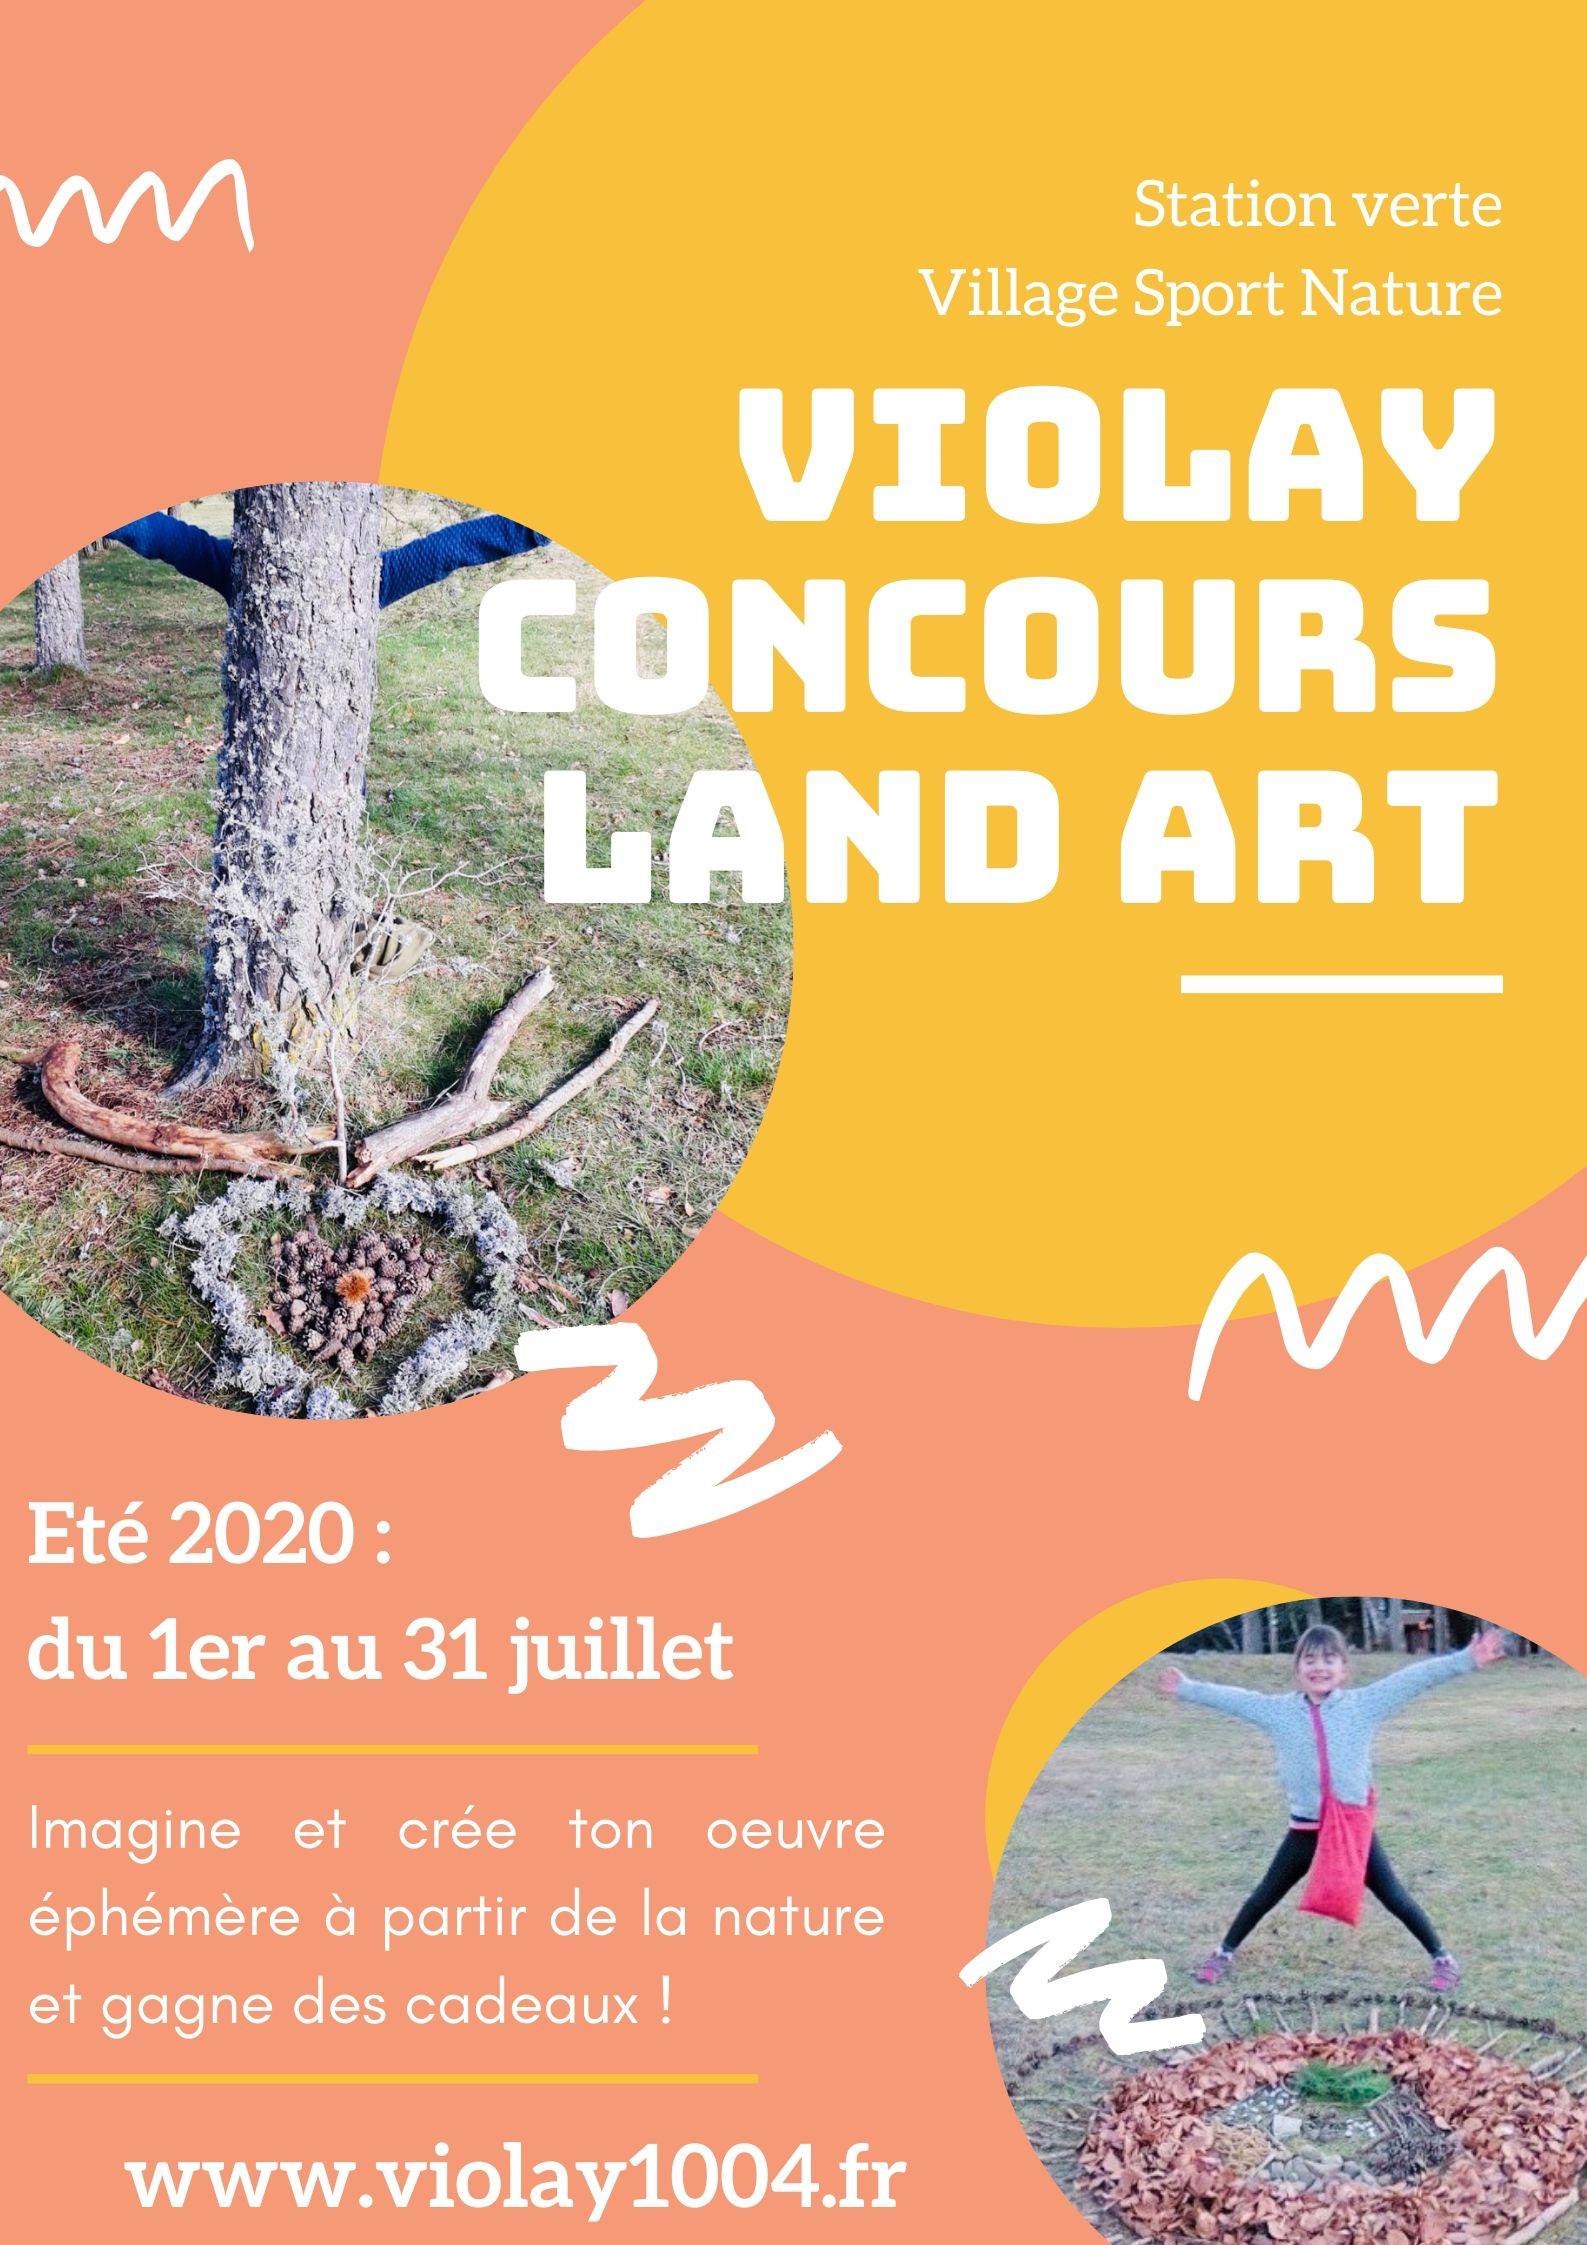 Affiche concours land art